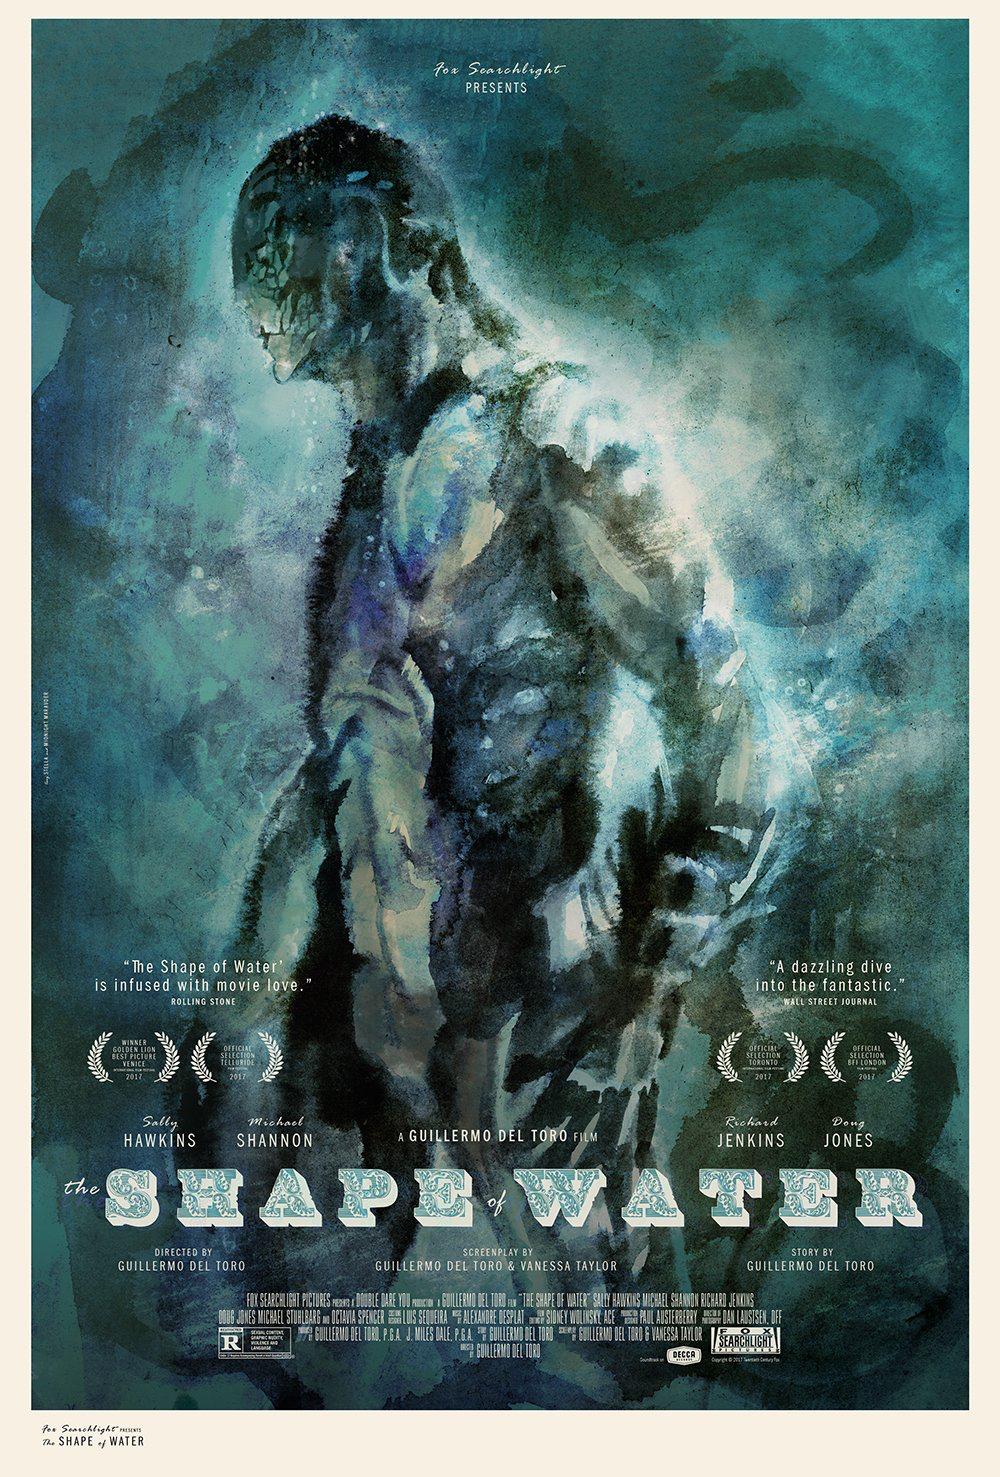 Film Posters Cinema The Shape Of Water Fanart Fan Art Movie